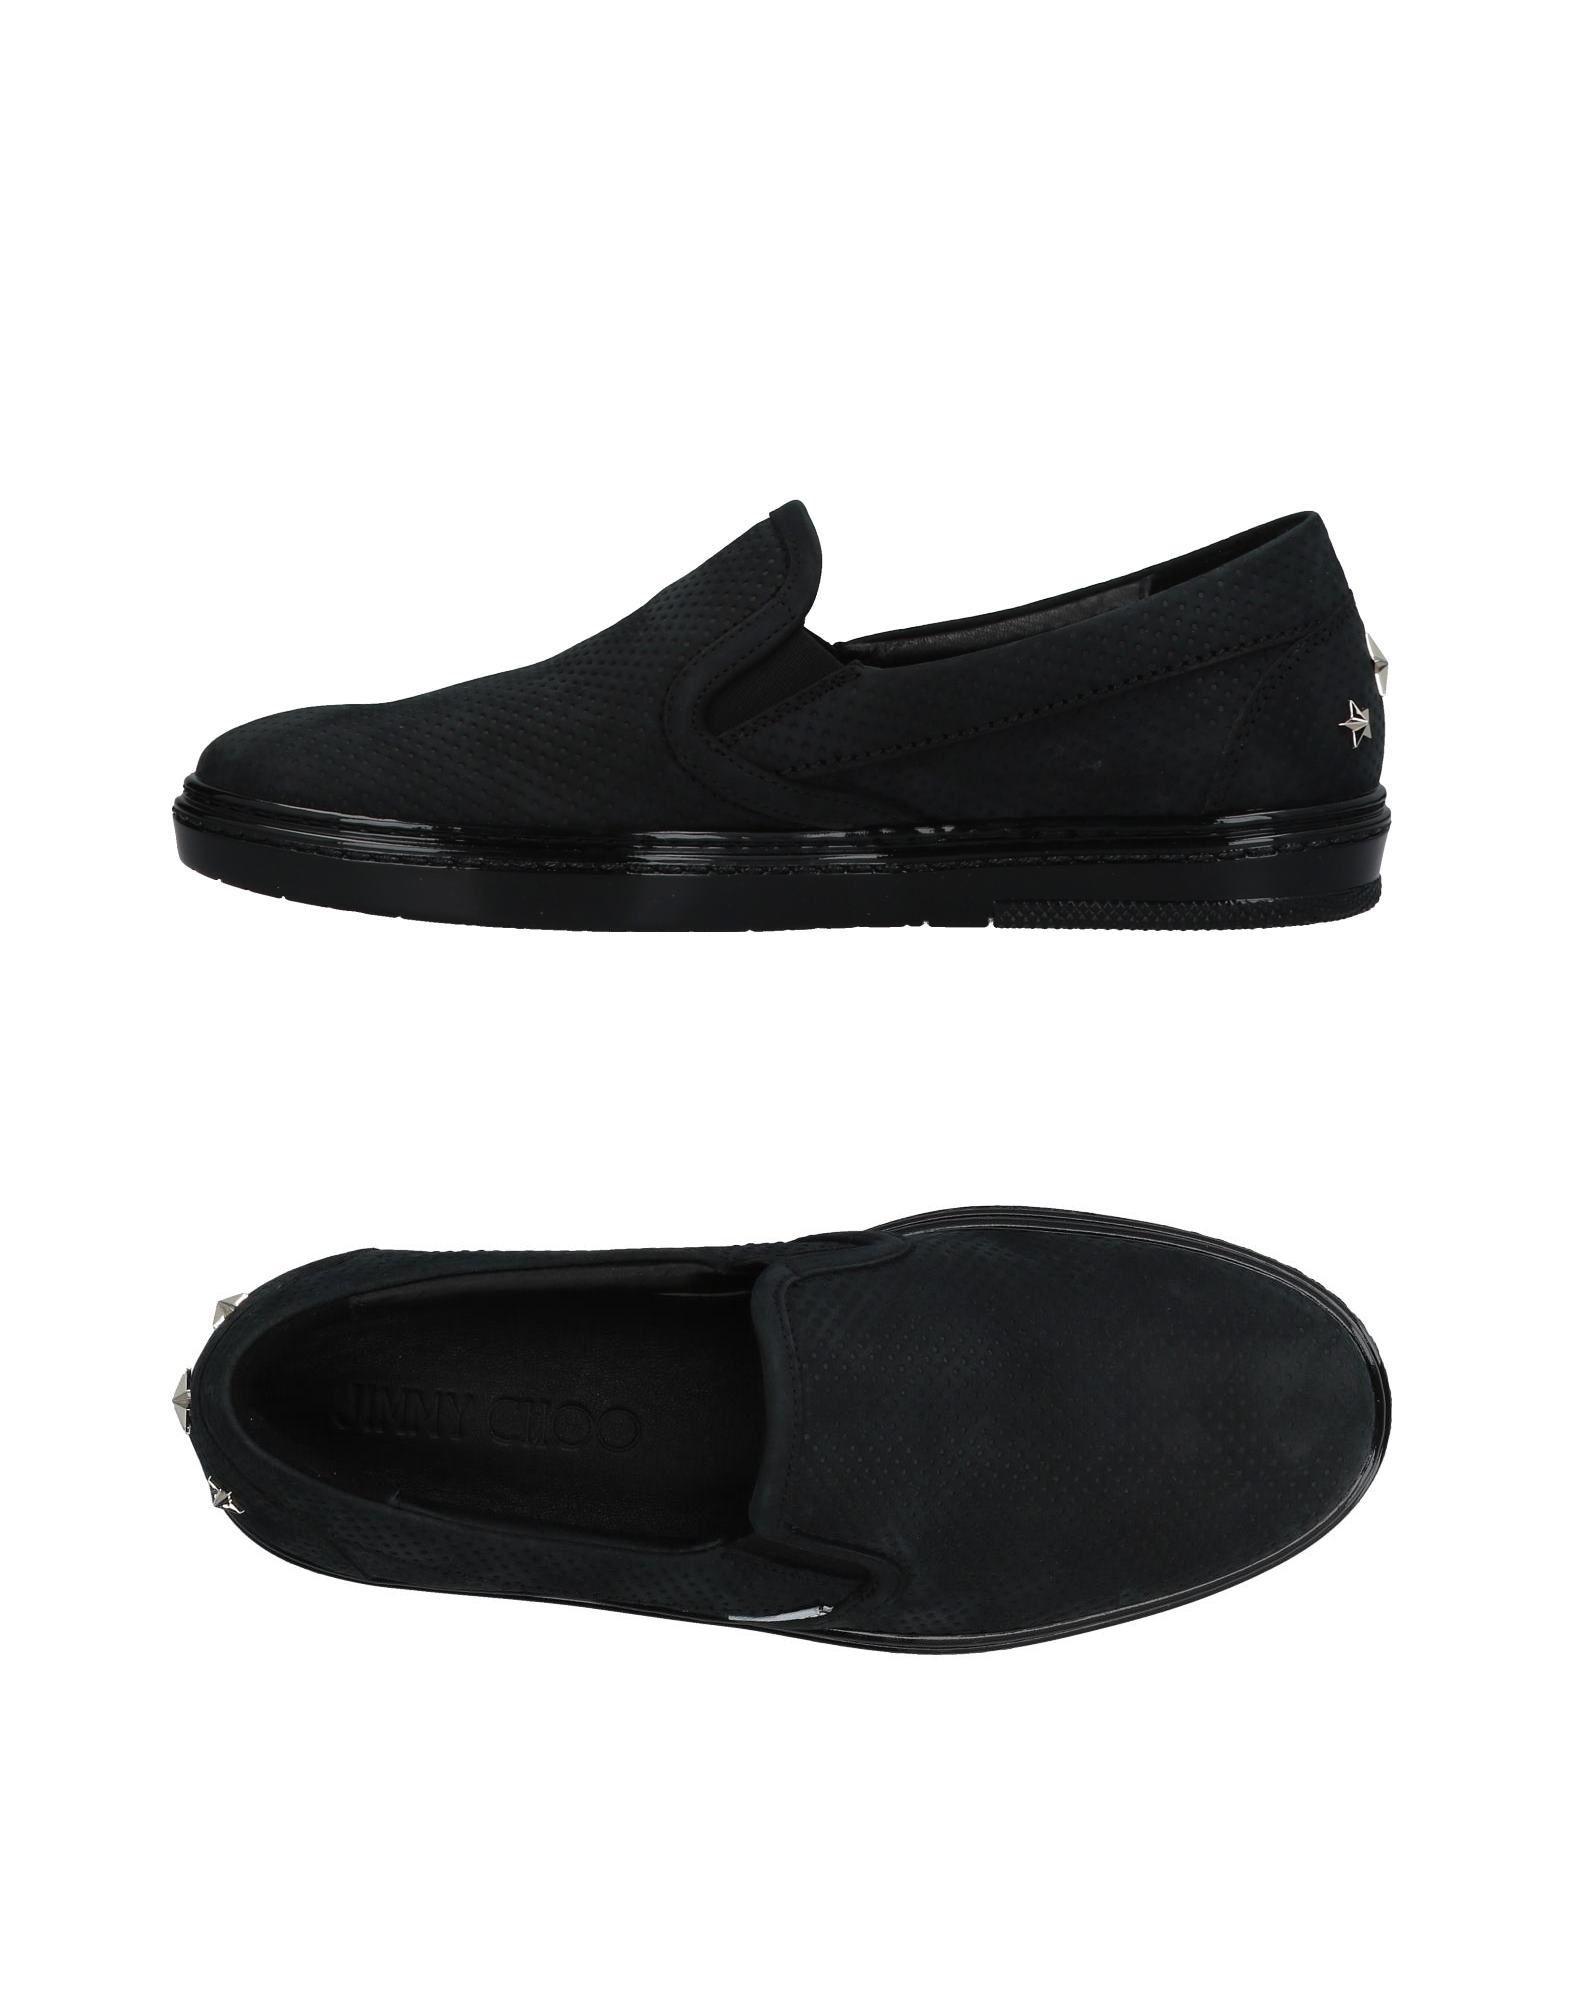 Sneakers - Jimmy Choo Uomo - Sneakers 11431925NM 9b061b